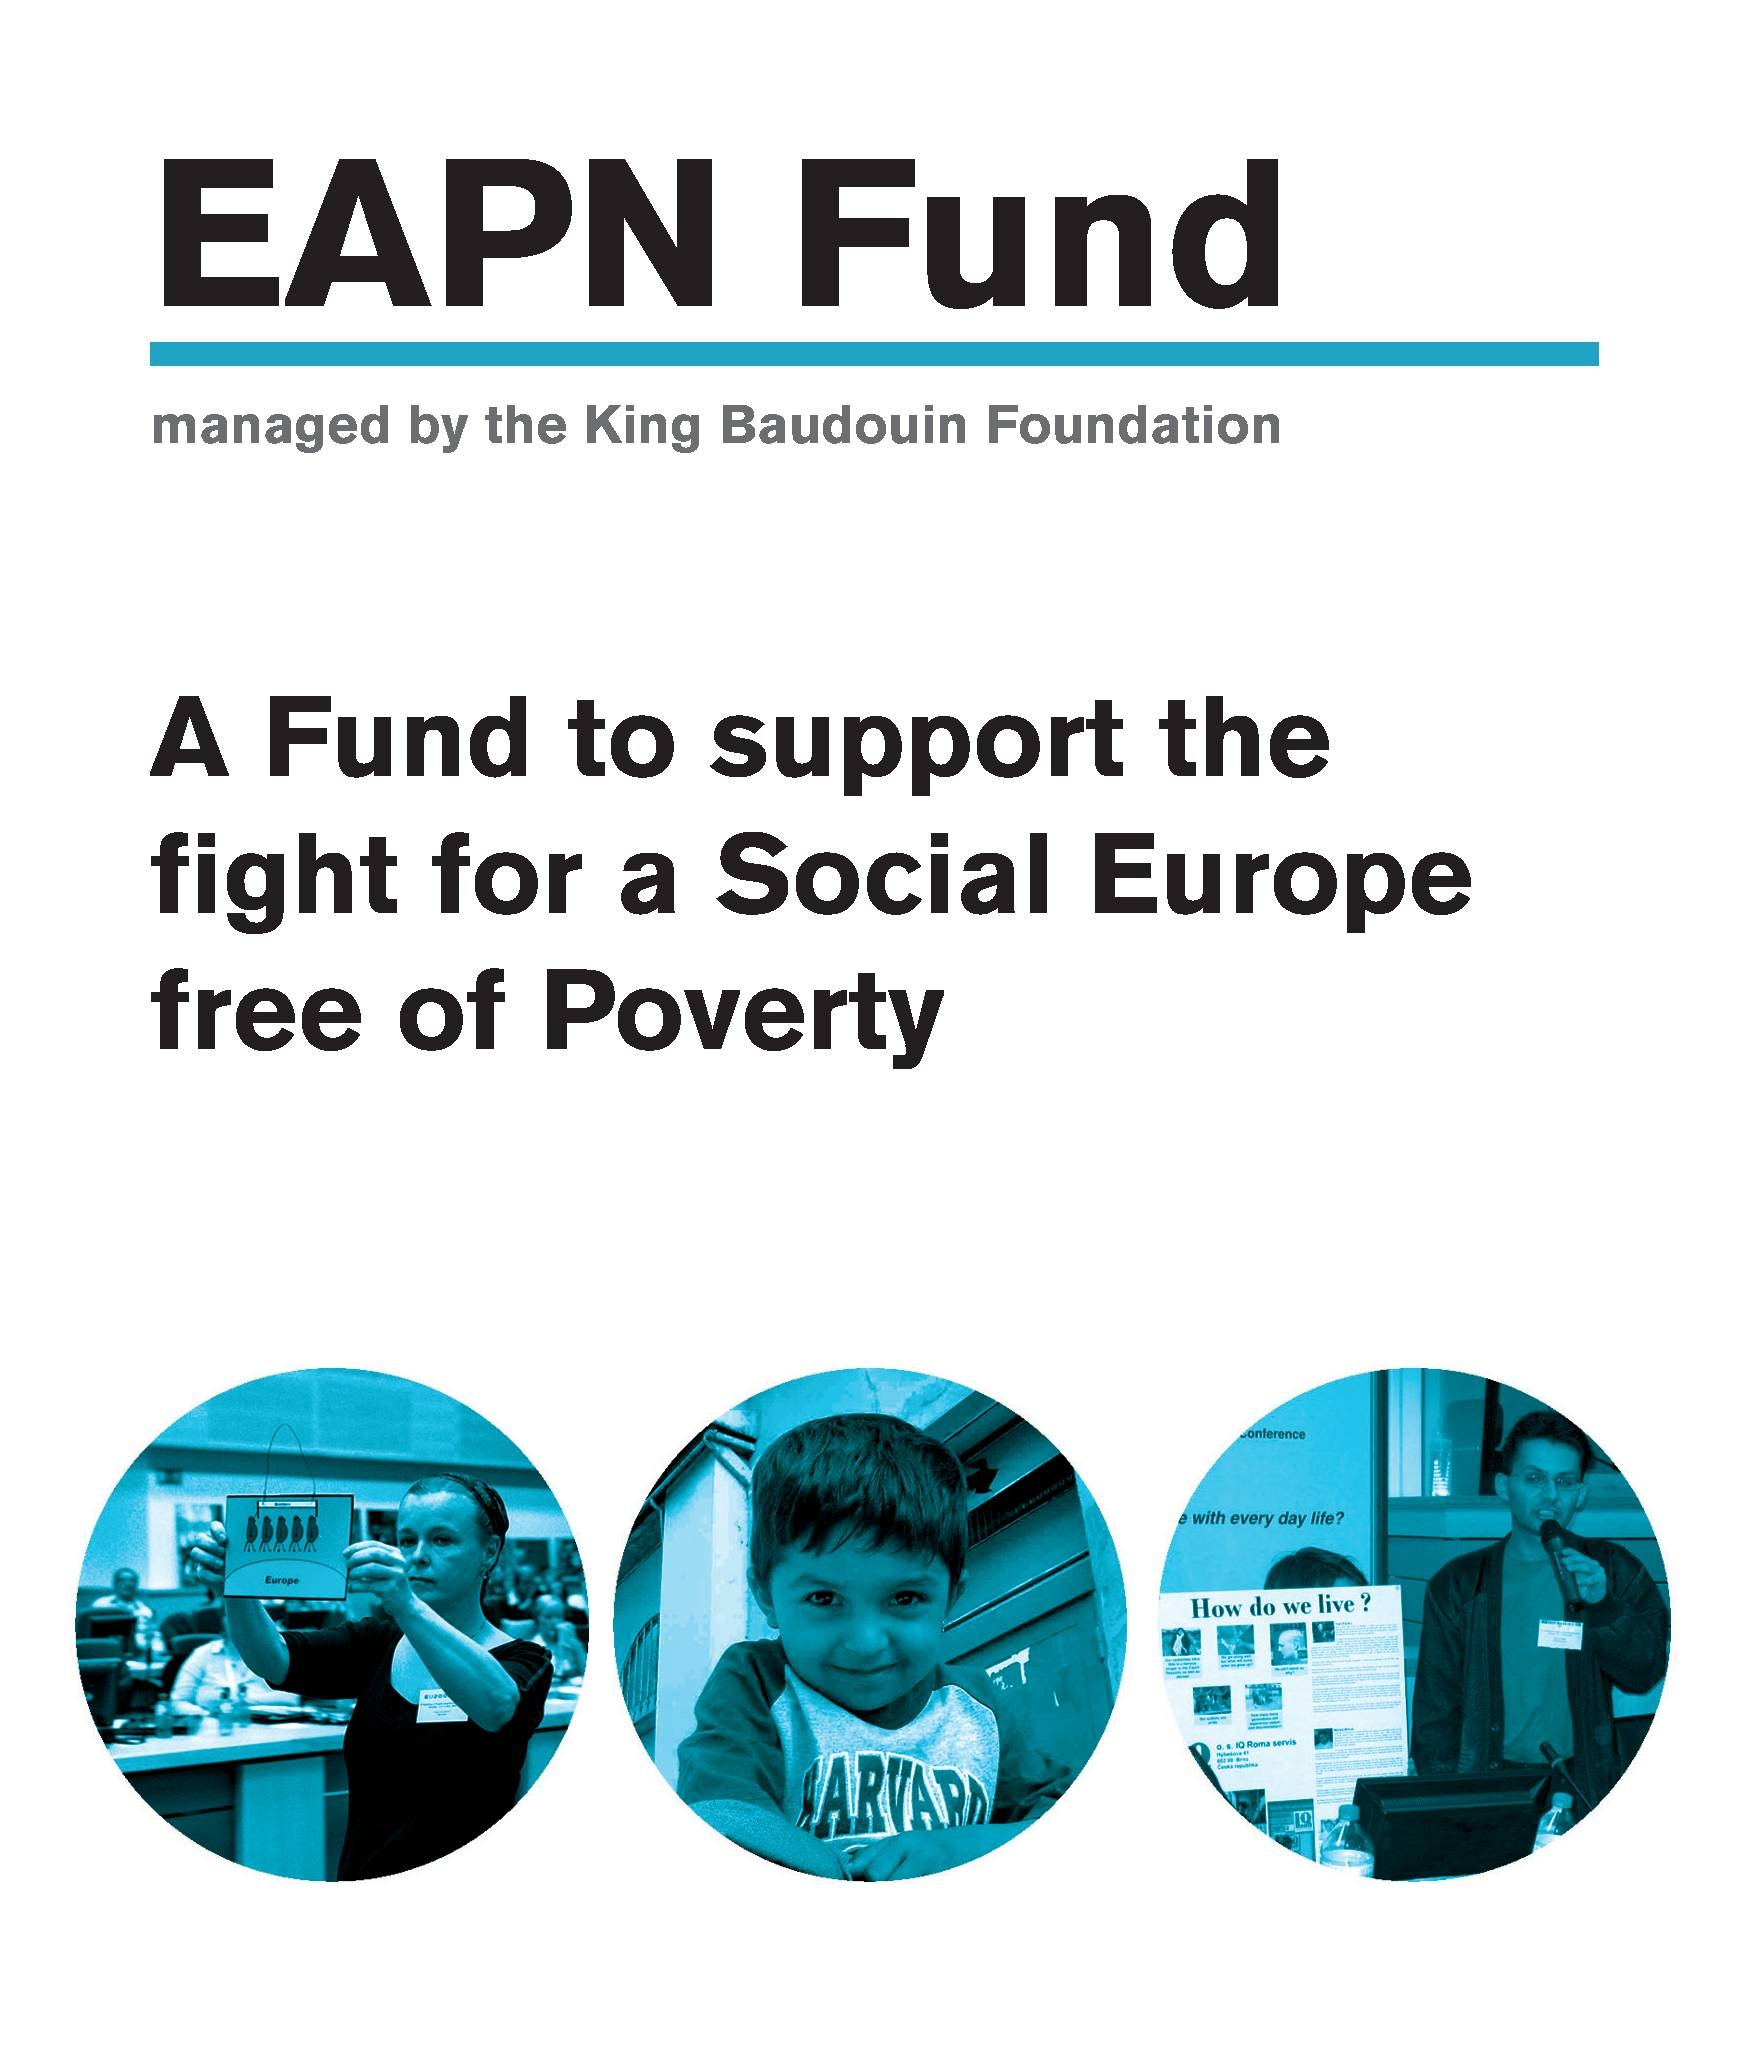 EAPN-Fund-leaflet-1st-page